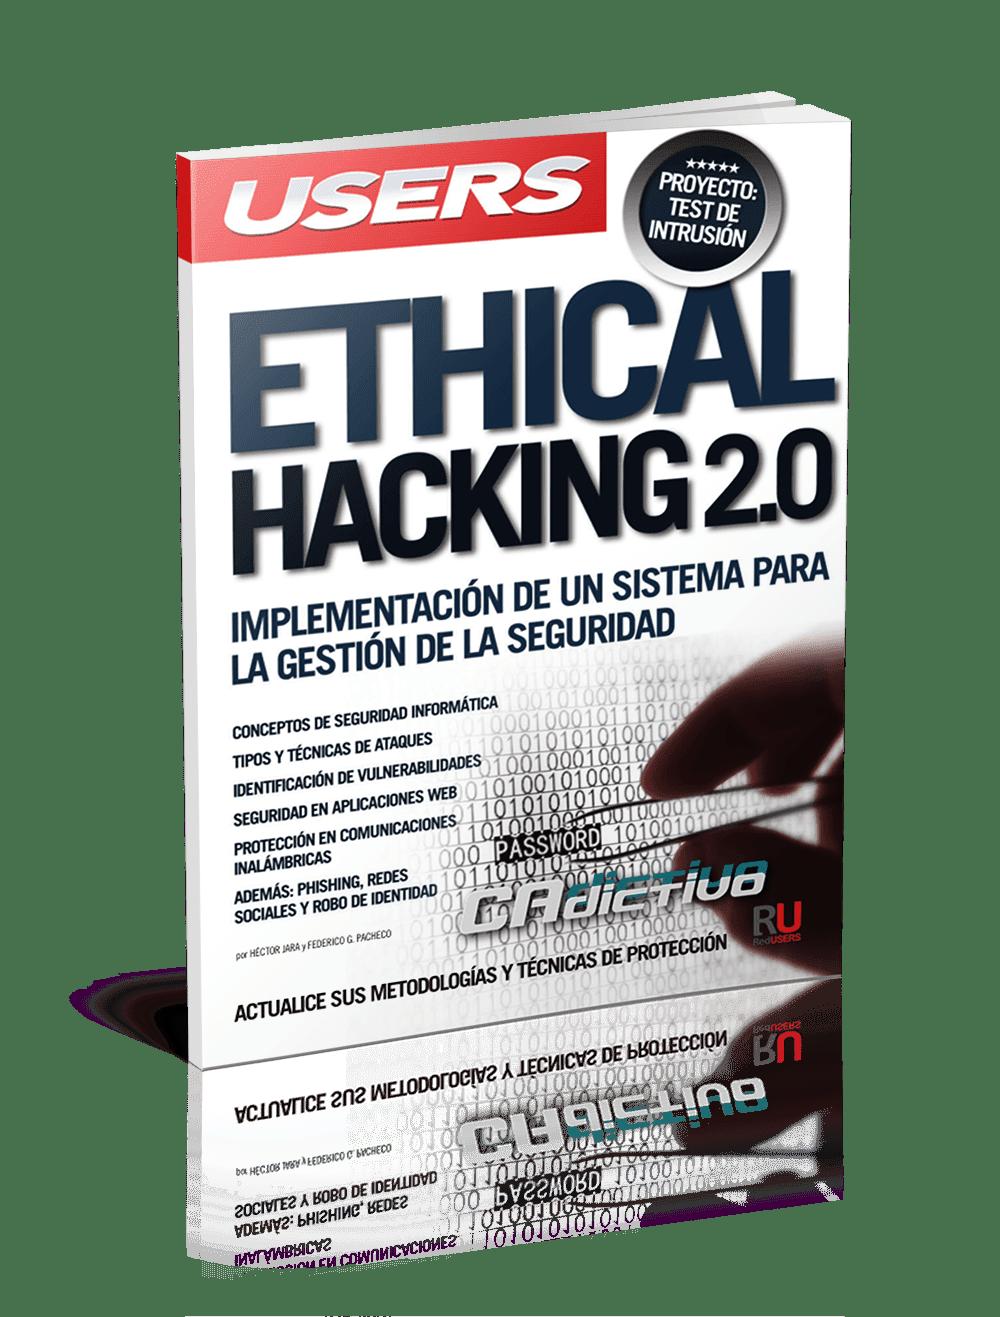 Ethical Hacking 2.0 - Implementación de un Sistema para la Gestión de la Seguridad